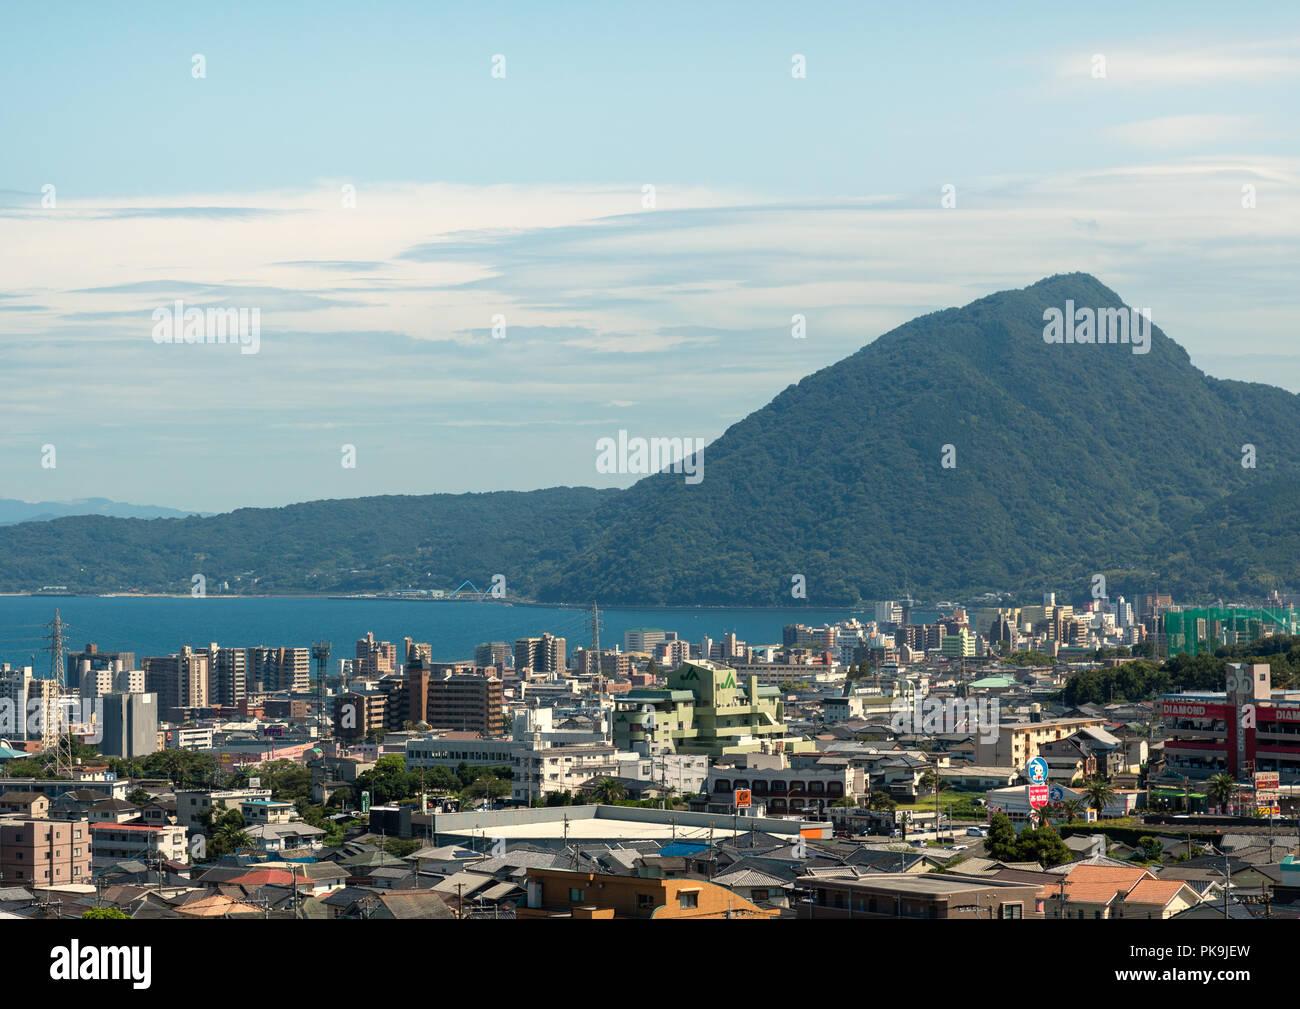 Cityscape and coastline, Oita Prefecture, Beppu, Japan - Stock Image